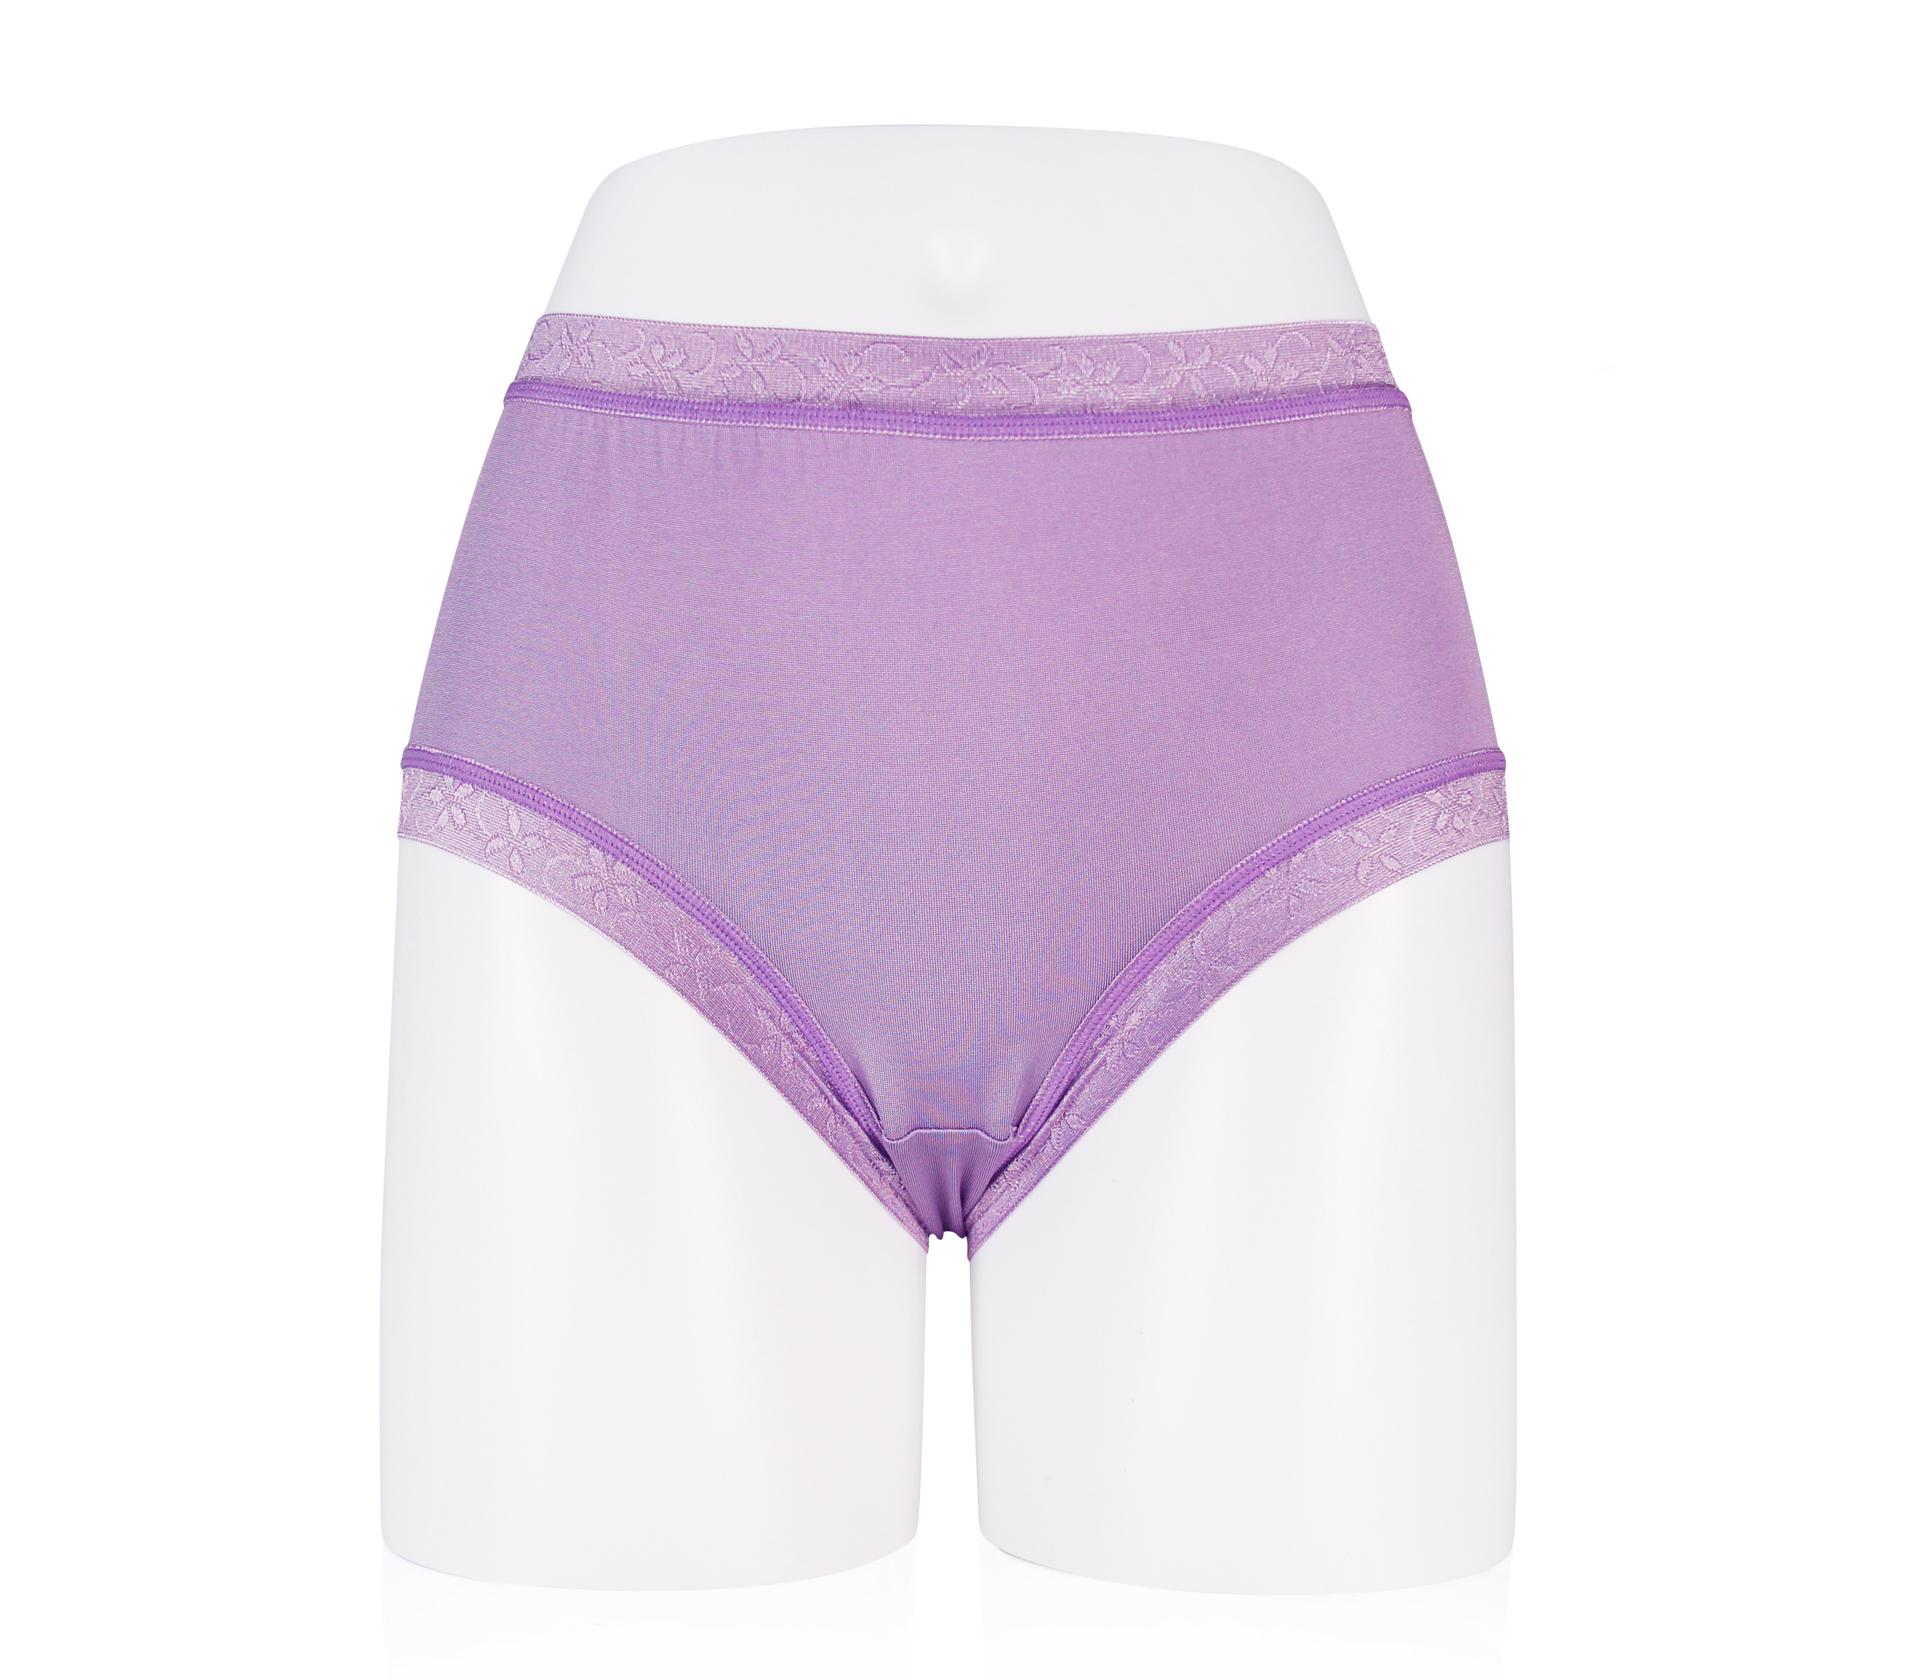 闕蘭絹絲滑透氣100%蠶絲褲 - 88117 (紫色)